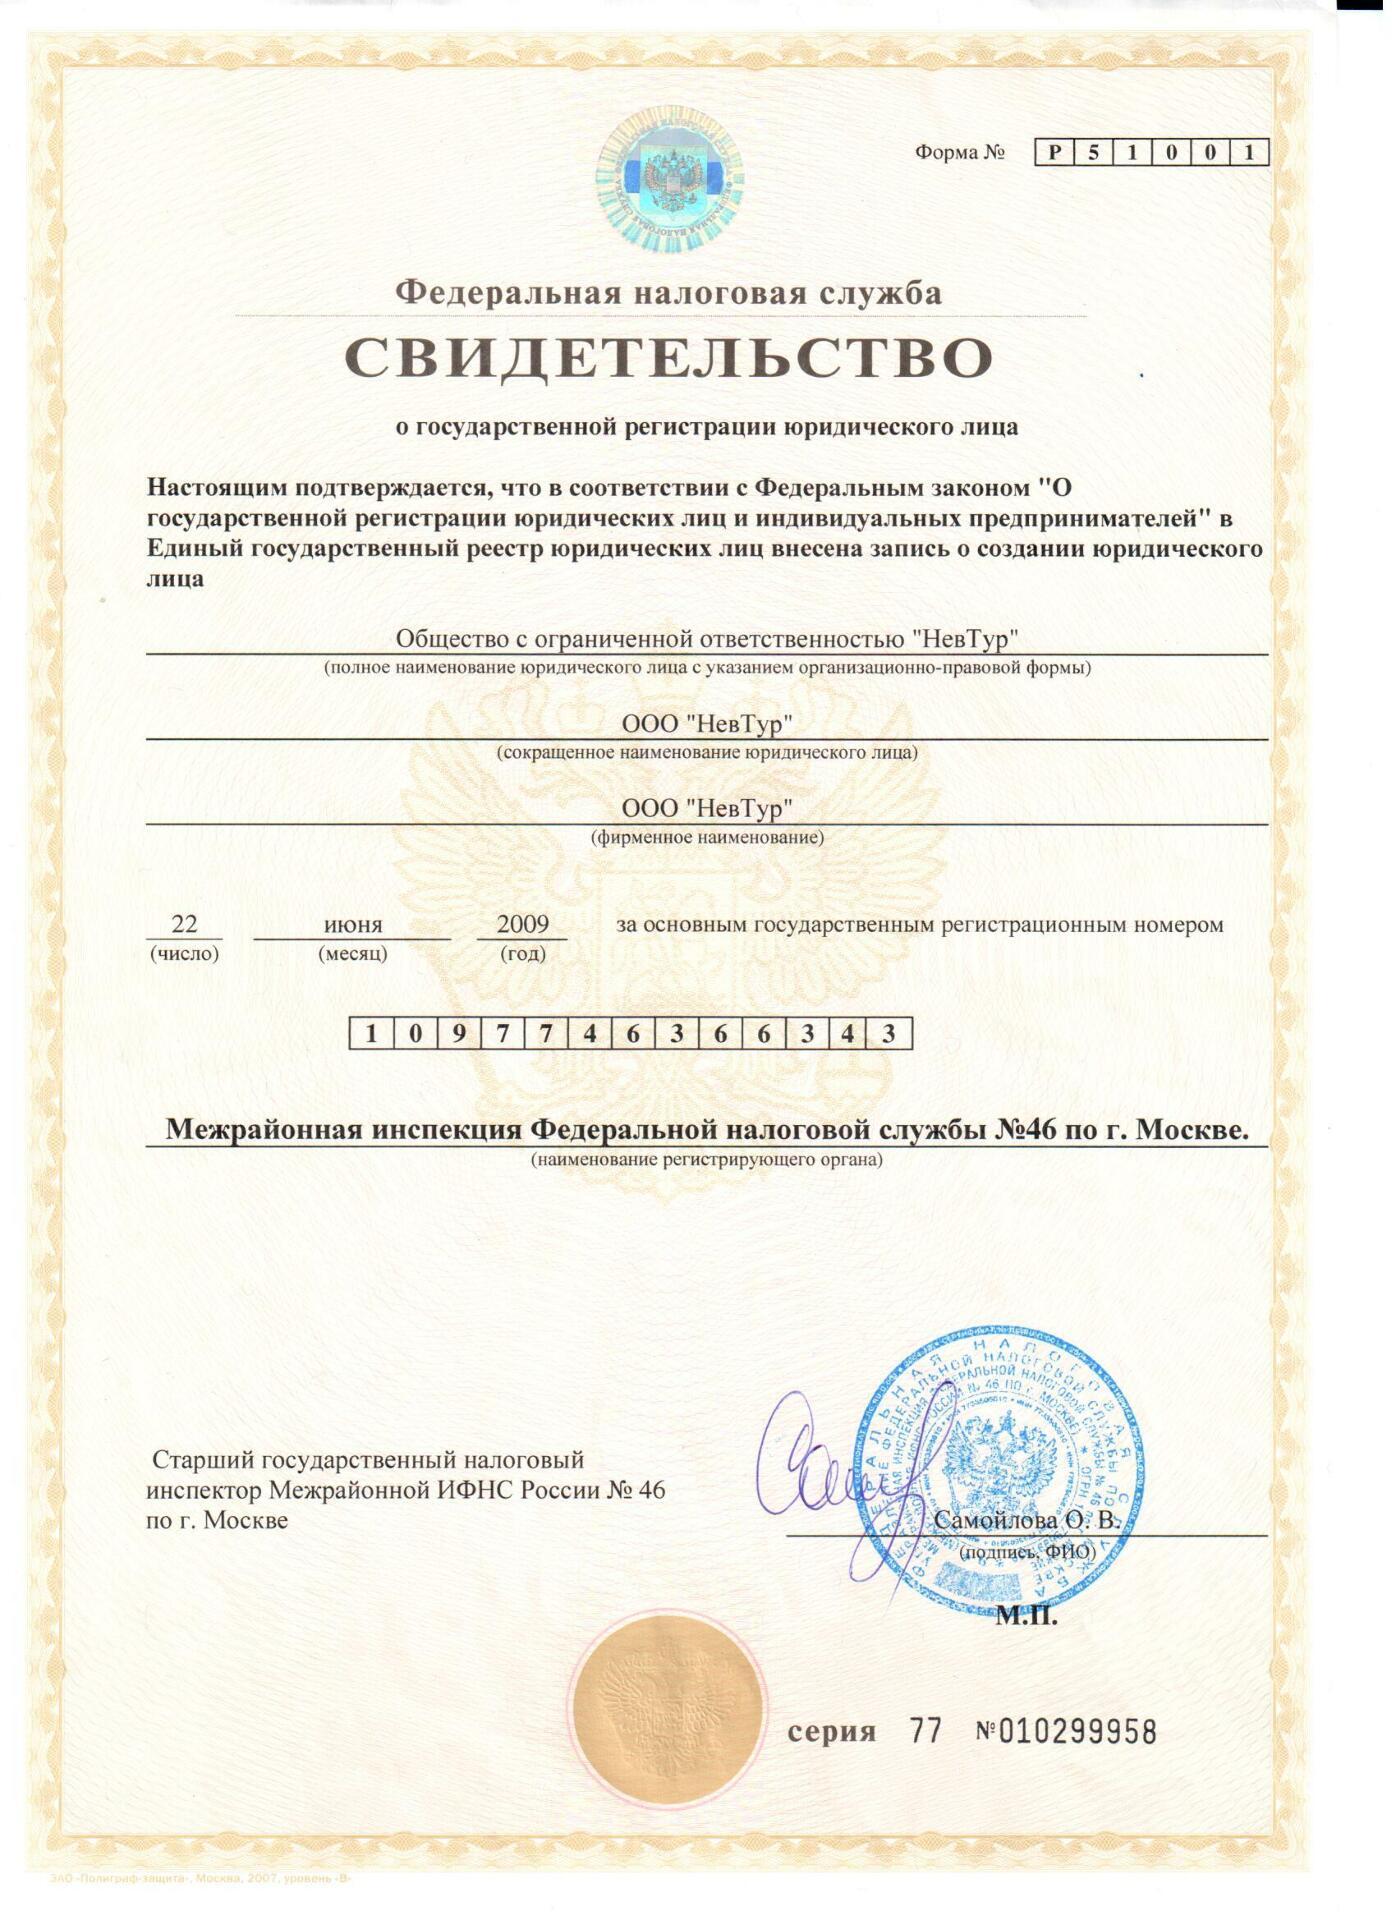 Пао сбербанк г москва бик 044525225 корр счет 30101810400000000225 р/с